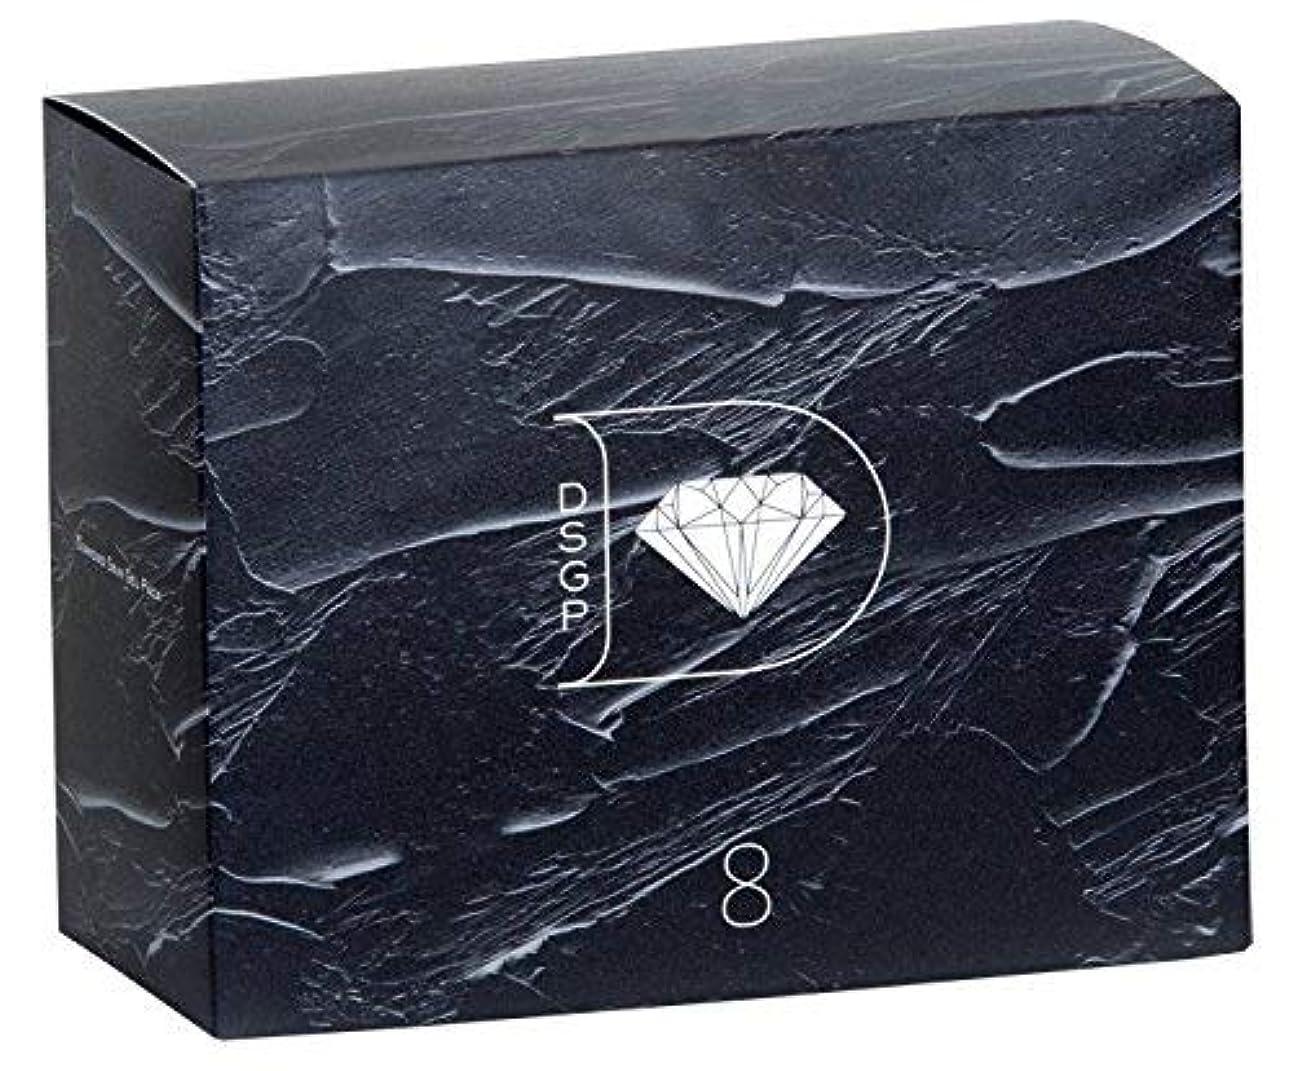 悪用空中食料品店ダイヤモンドスキンジェルパック×1箱 (8回分) 1回のパックで実感、もっちり肌。 琉球粘土×高濃度炭酸ガス フェイスパック